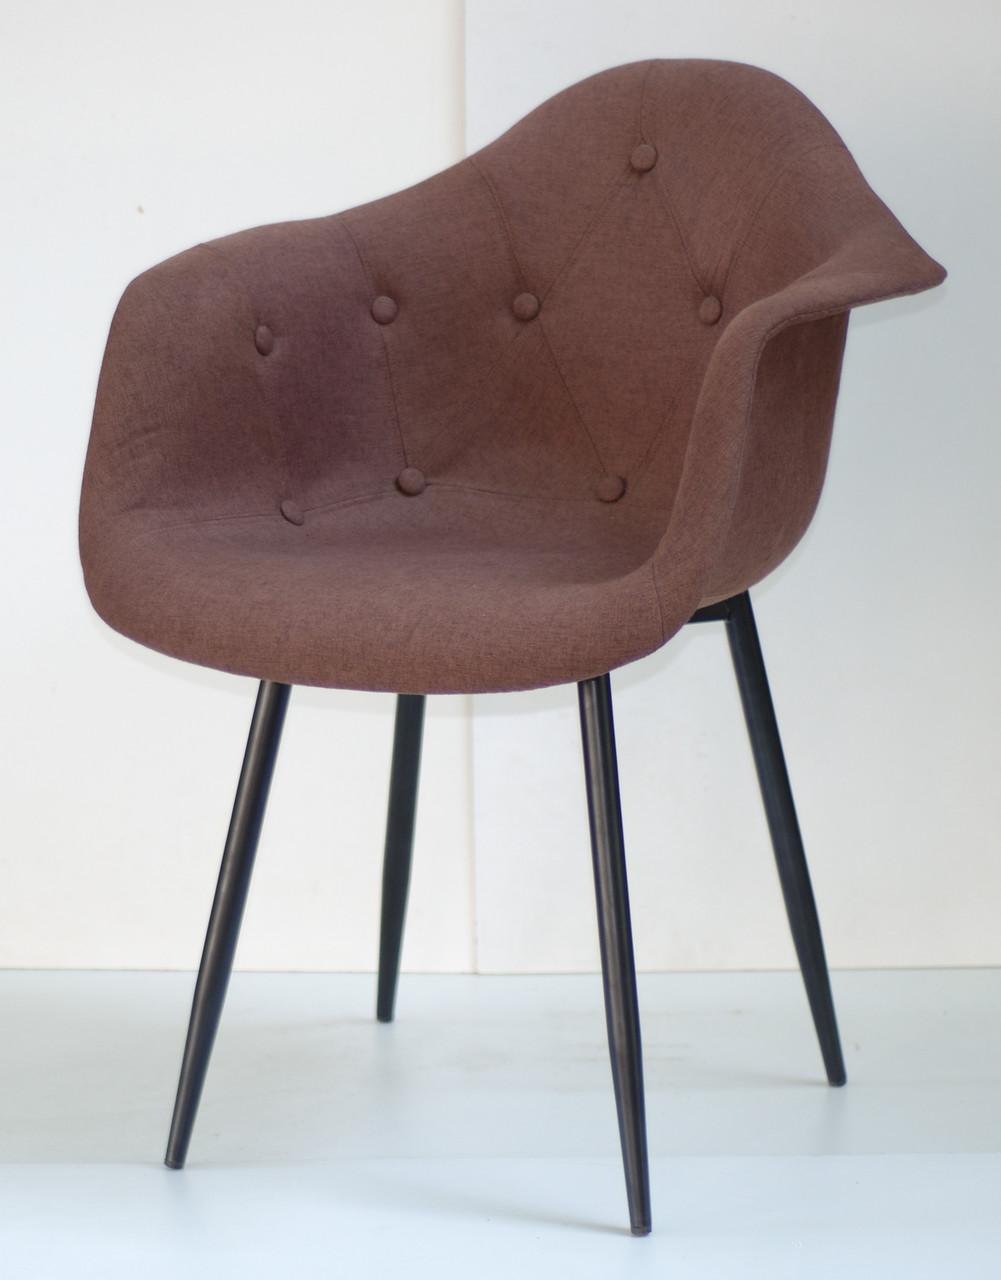 Кресло Leon MBK Вискоза, коричневое